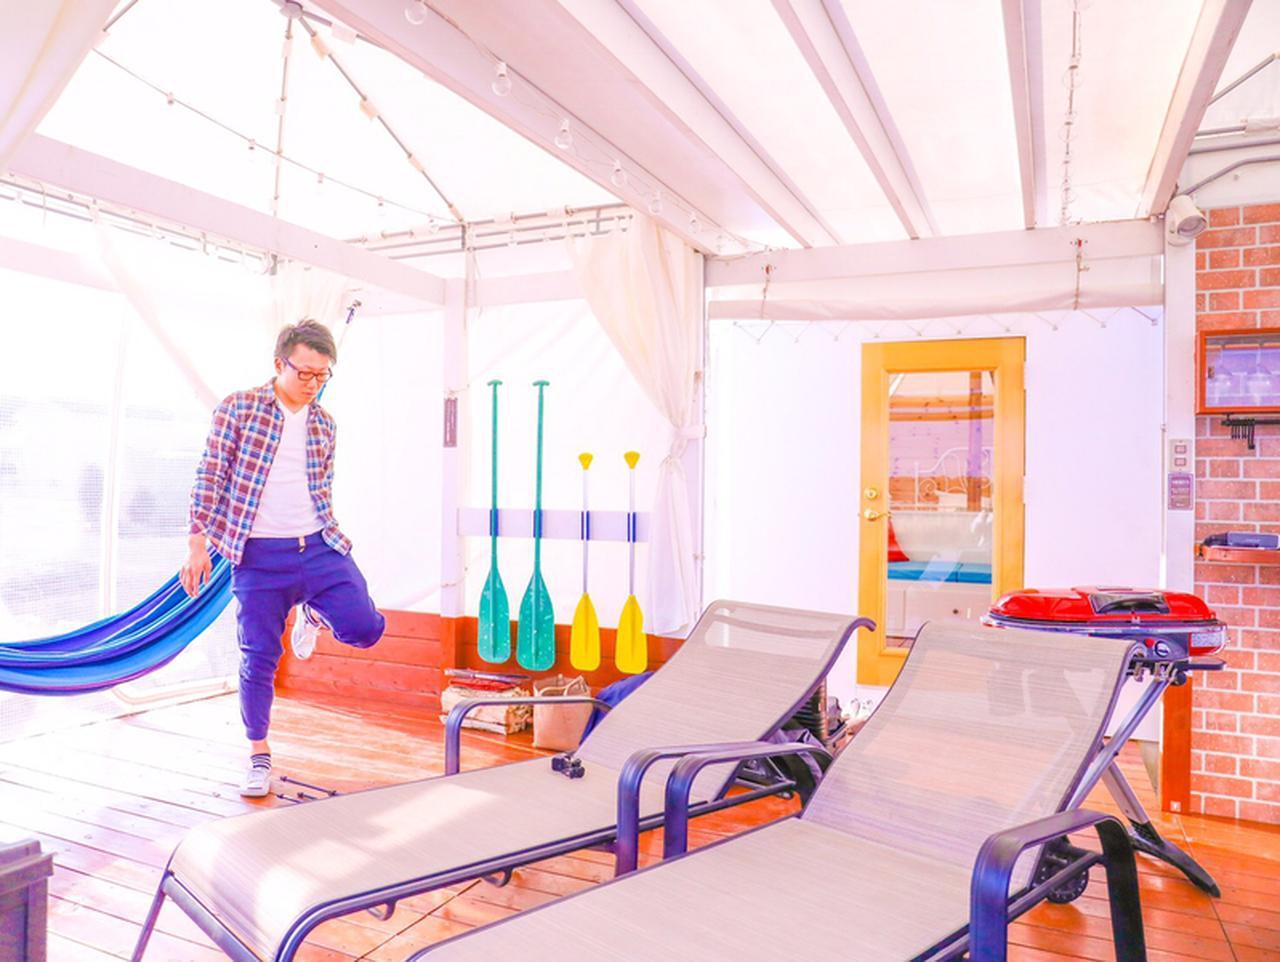 画像: 【カップル必見】三重県・伊勢志摩エリアのおすすめキャンプ場×観光スポット3選 - ハピキャン キャンプ・アウトドア情報メディア